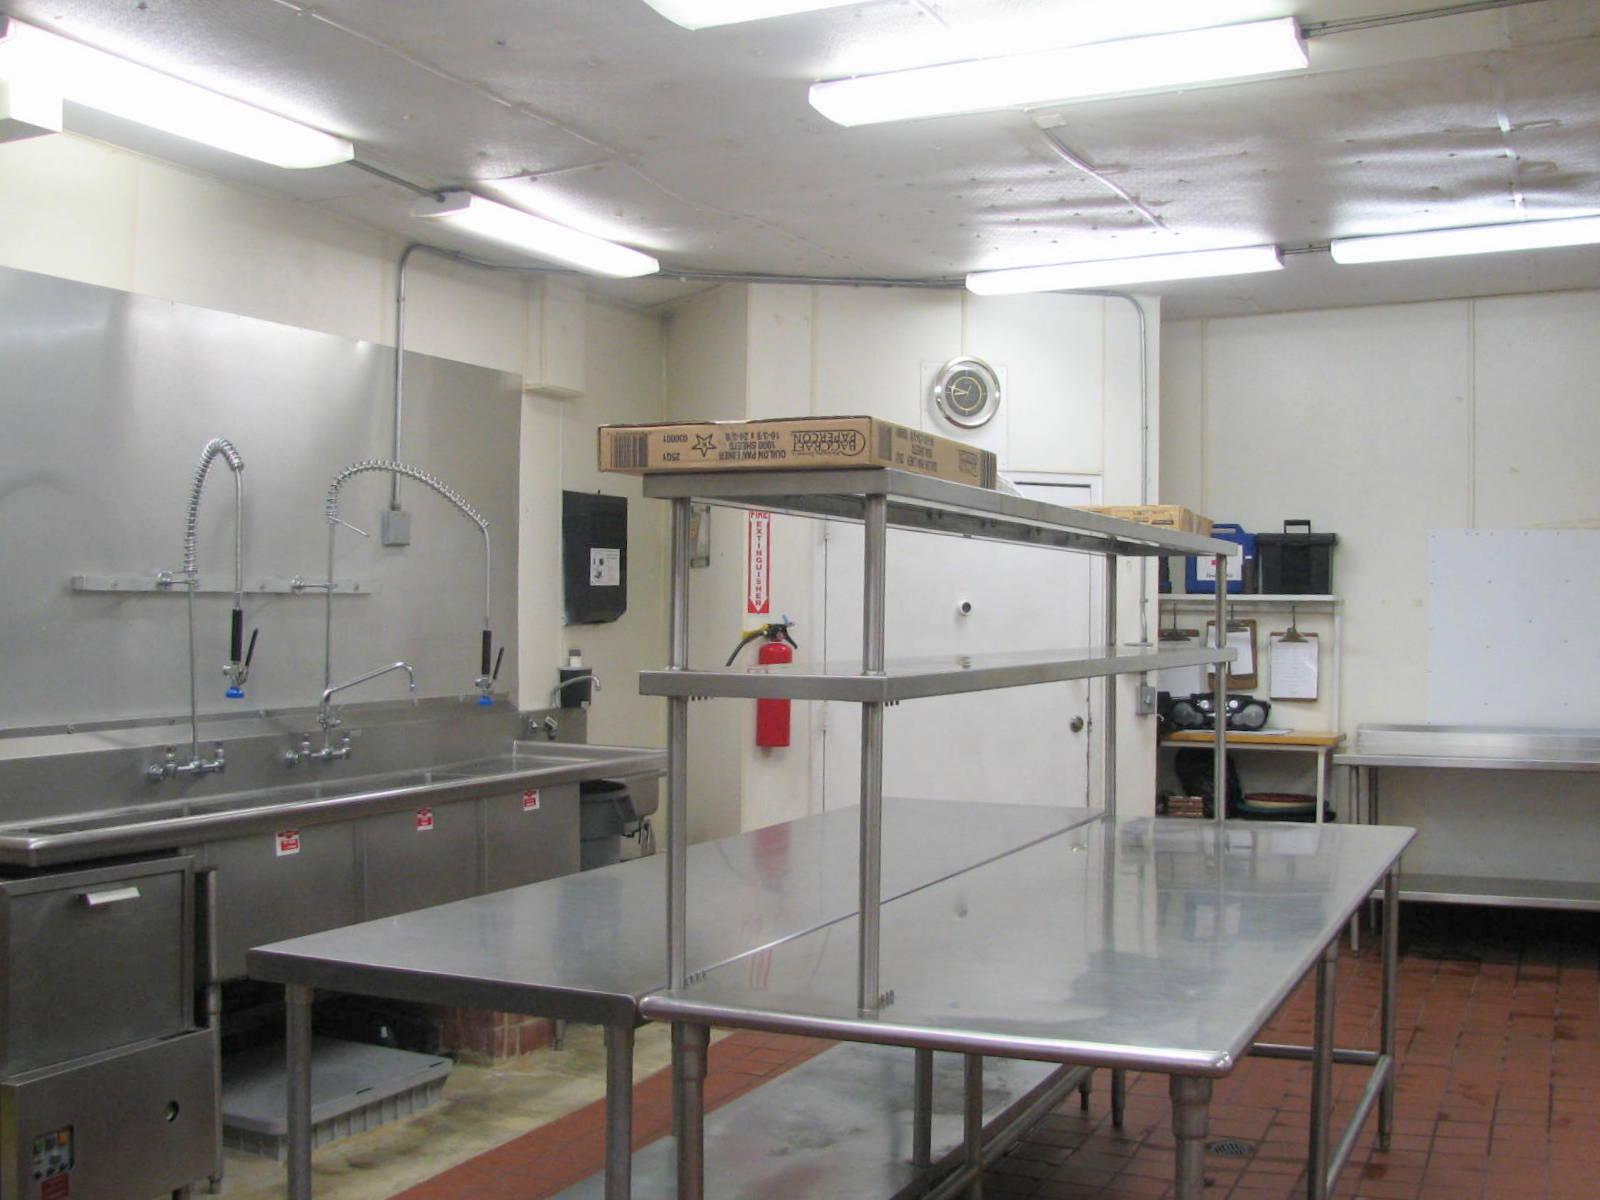 Gallery Kitchen  Pro Kitchen Rental